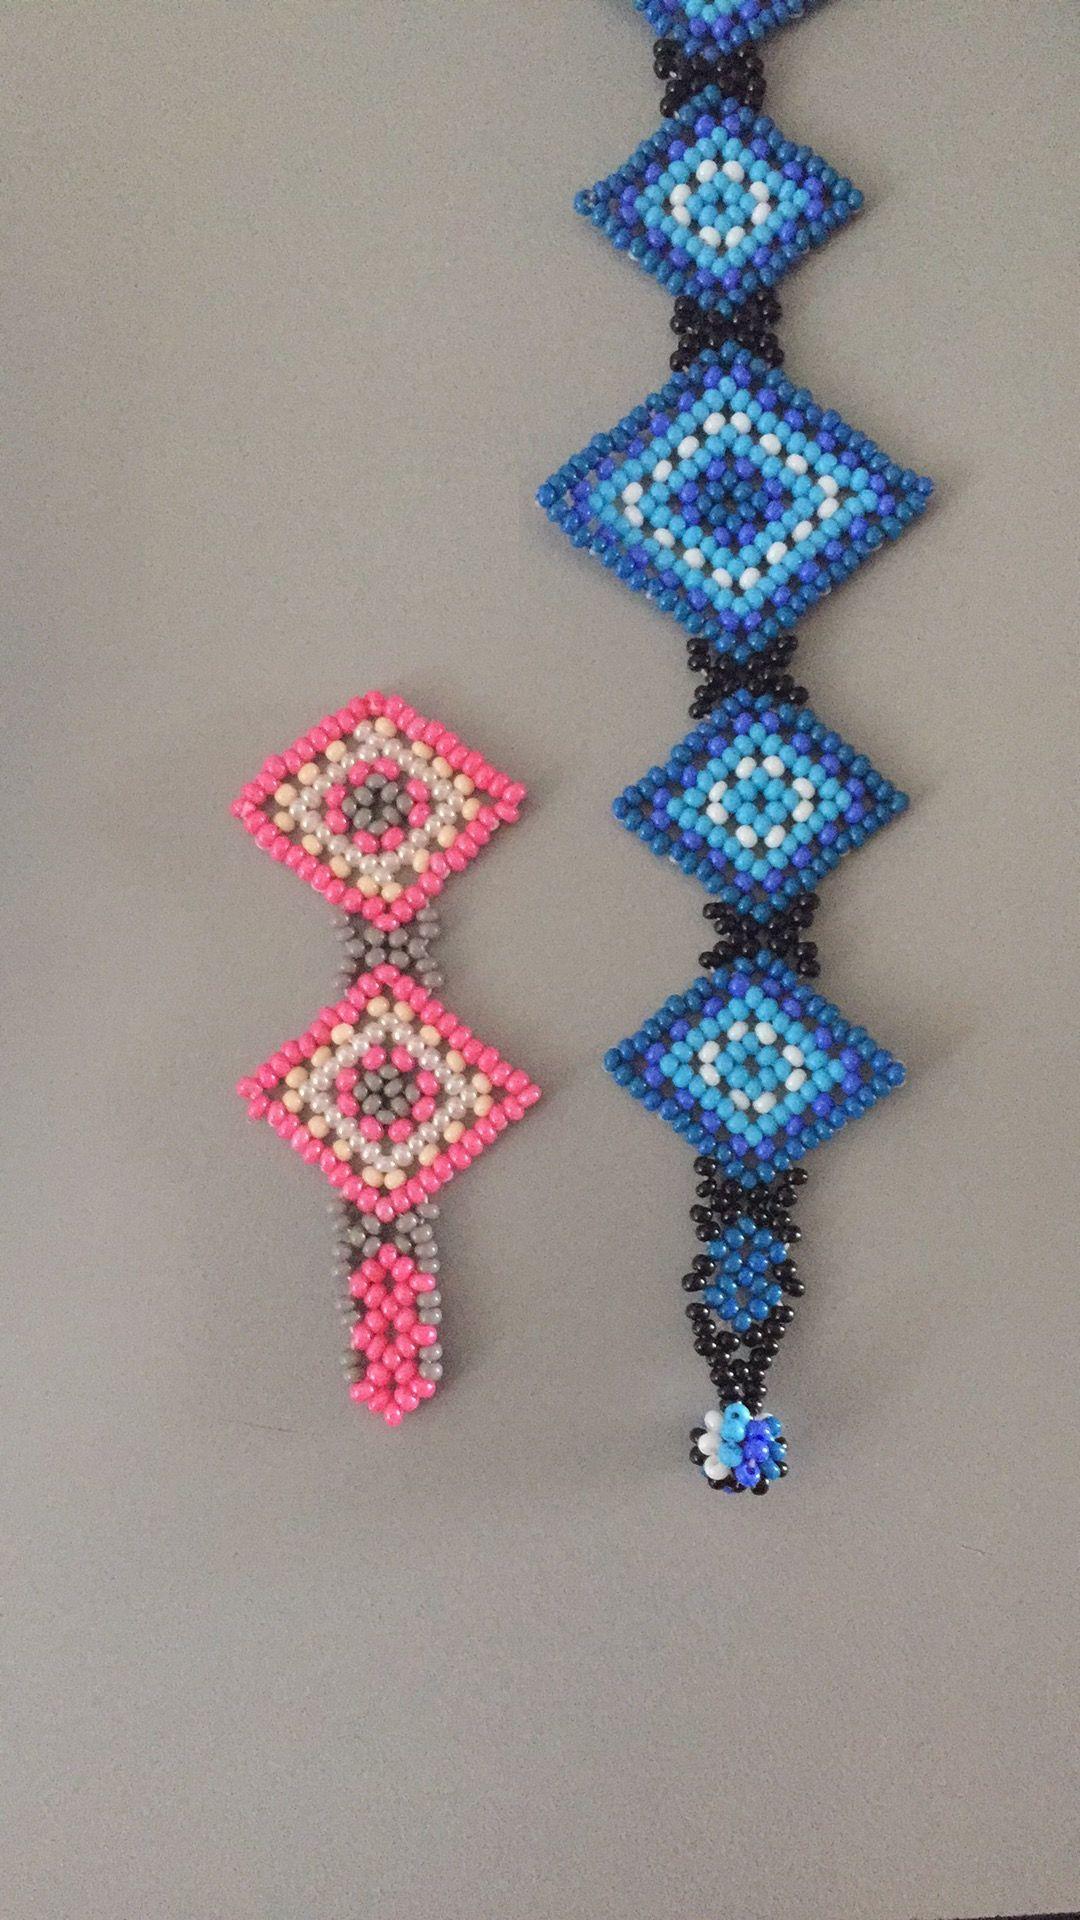 Huichol. Rombo. Ojo de Dios | Diamond. El azul es de un maestro huichol, el rosa es mi intento de reproducción.